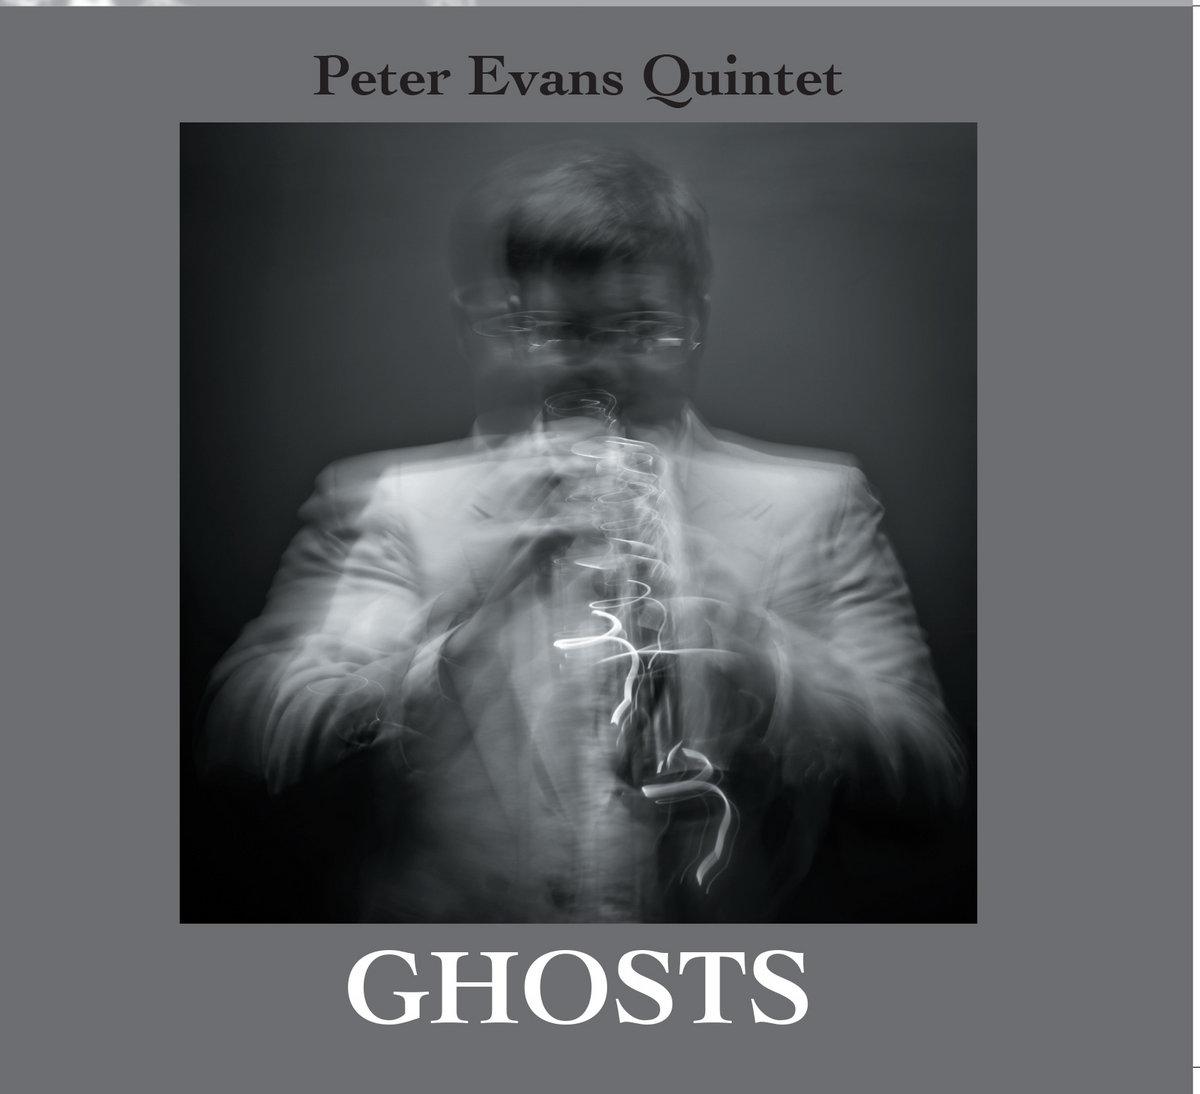 evans quintet ghosts.jpg